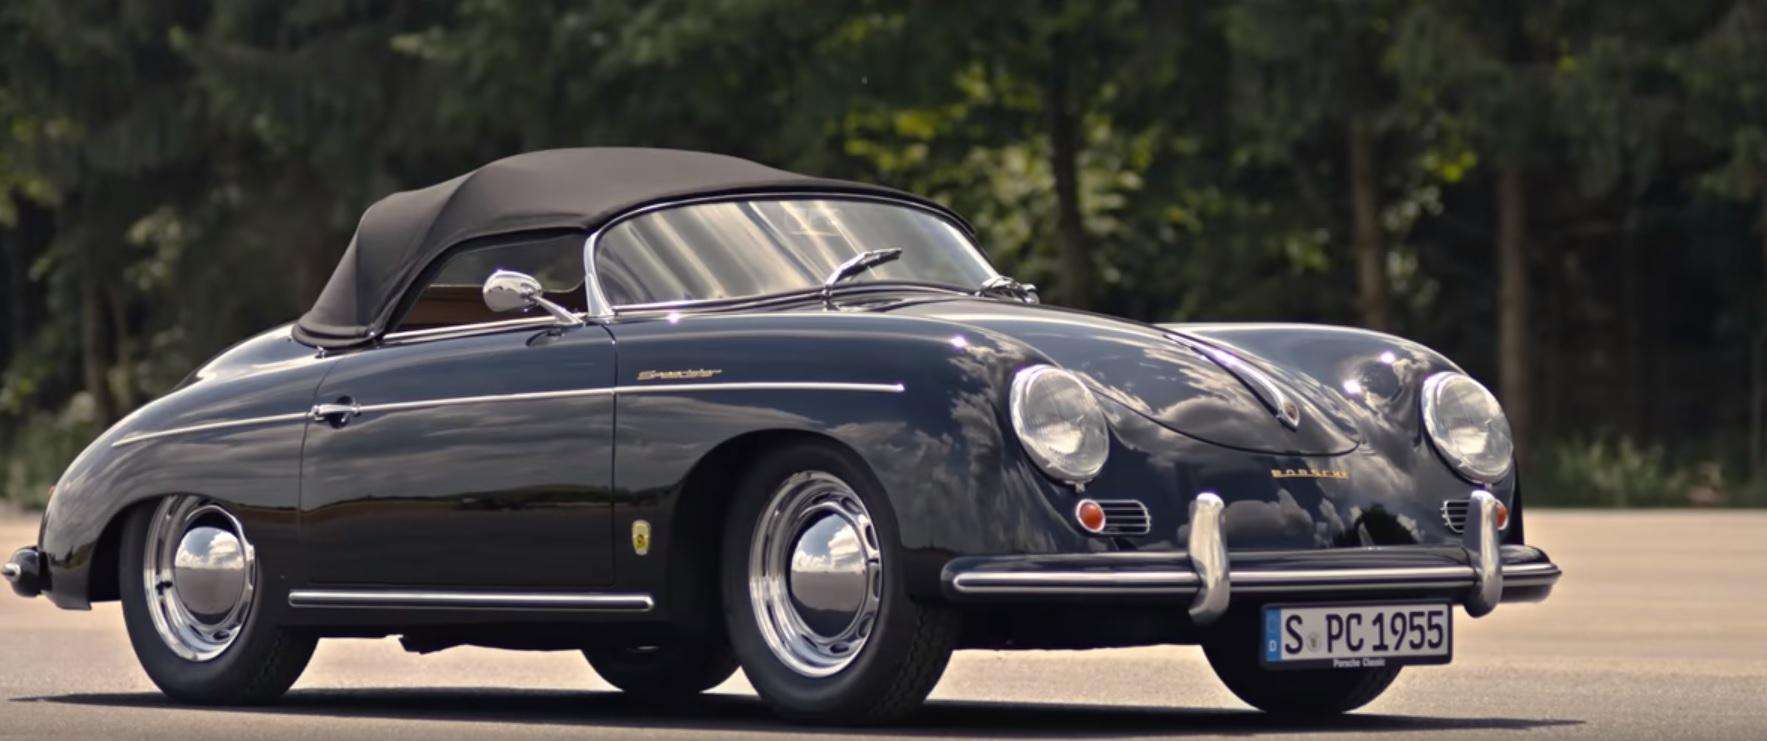 Porsche возрождает выпуск барабанных тормозов 1